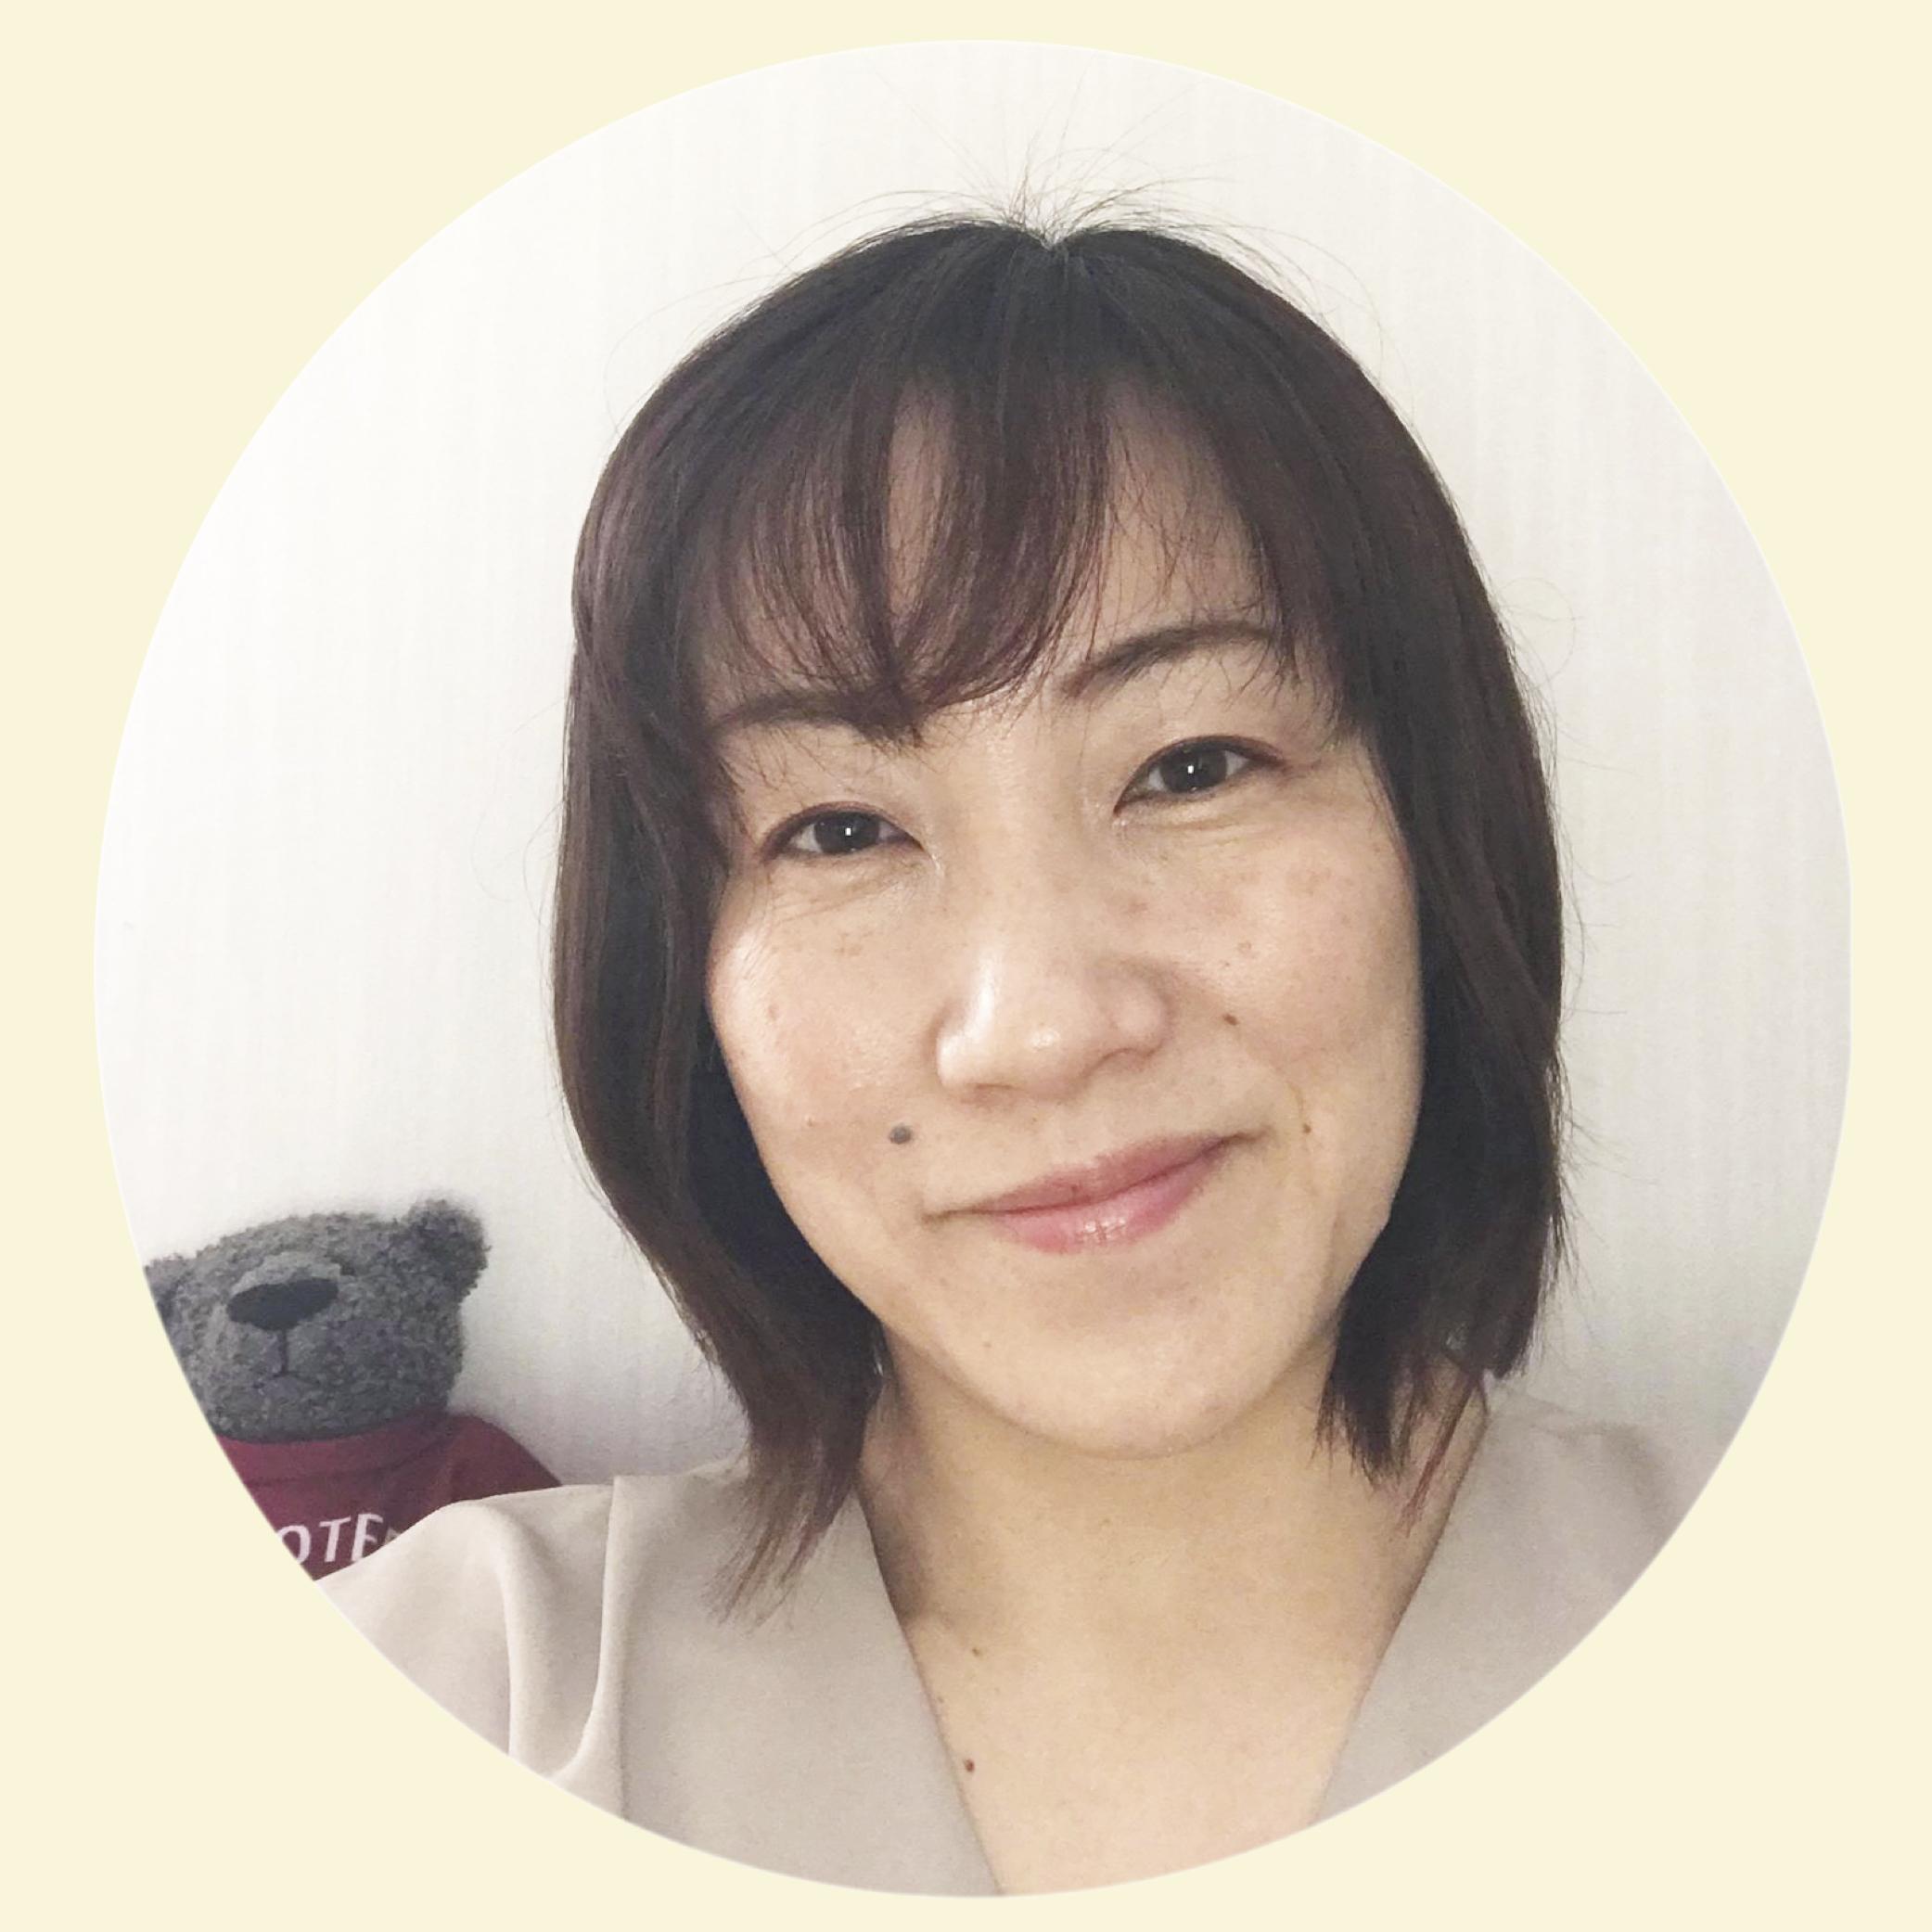 脇坂圭子 さん